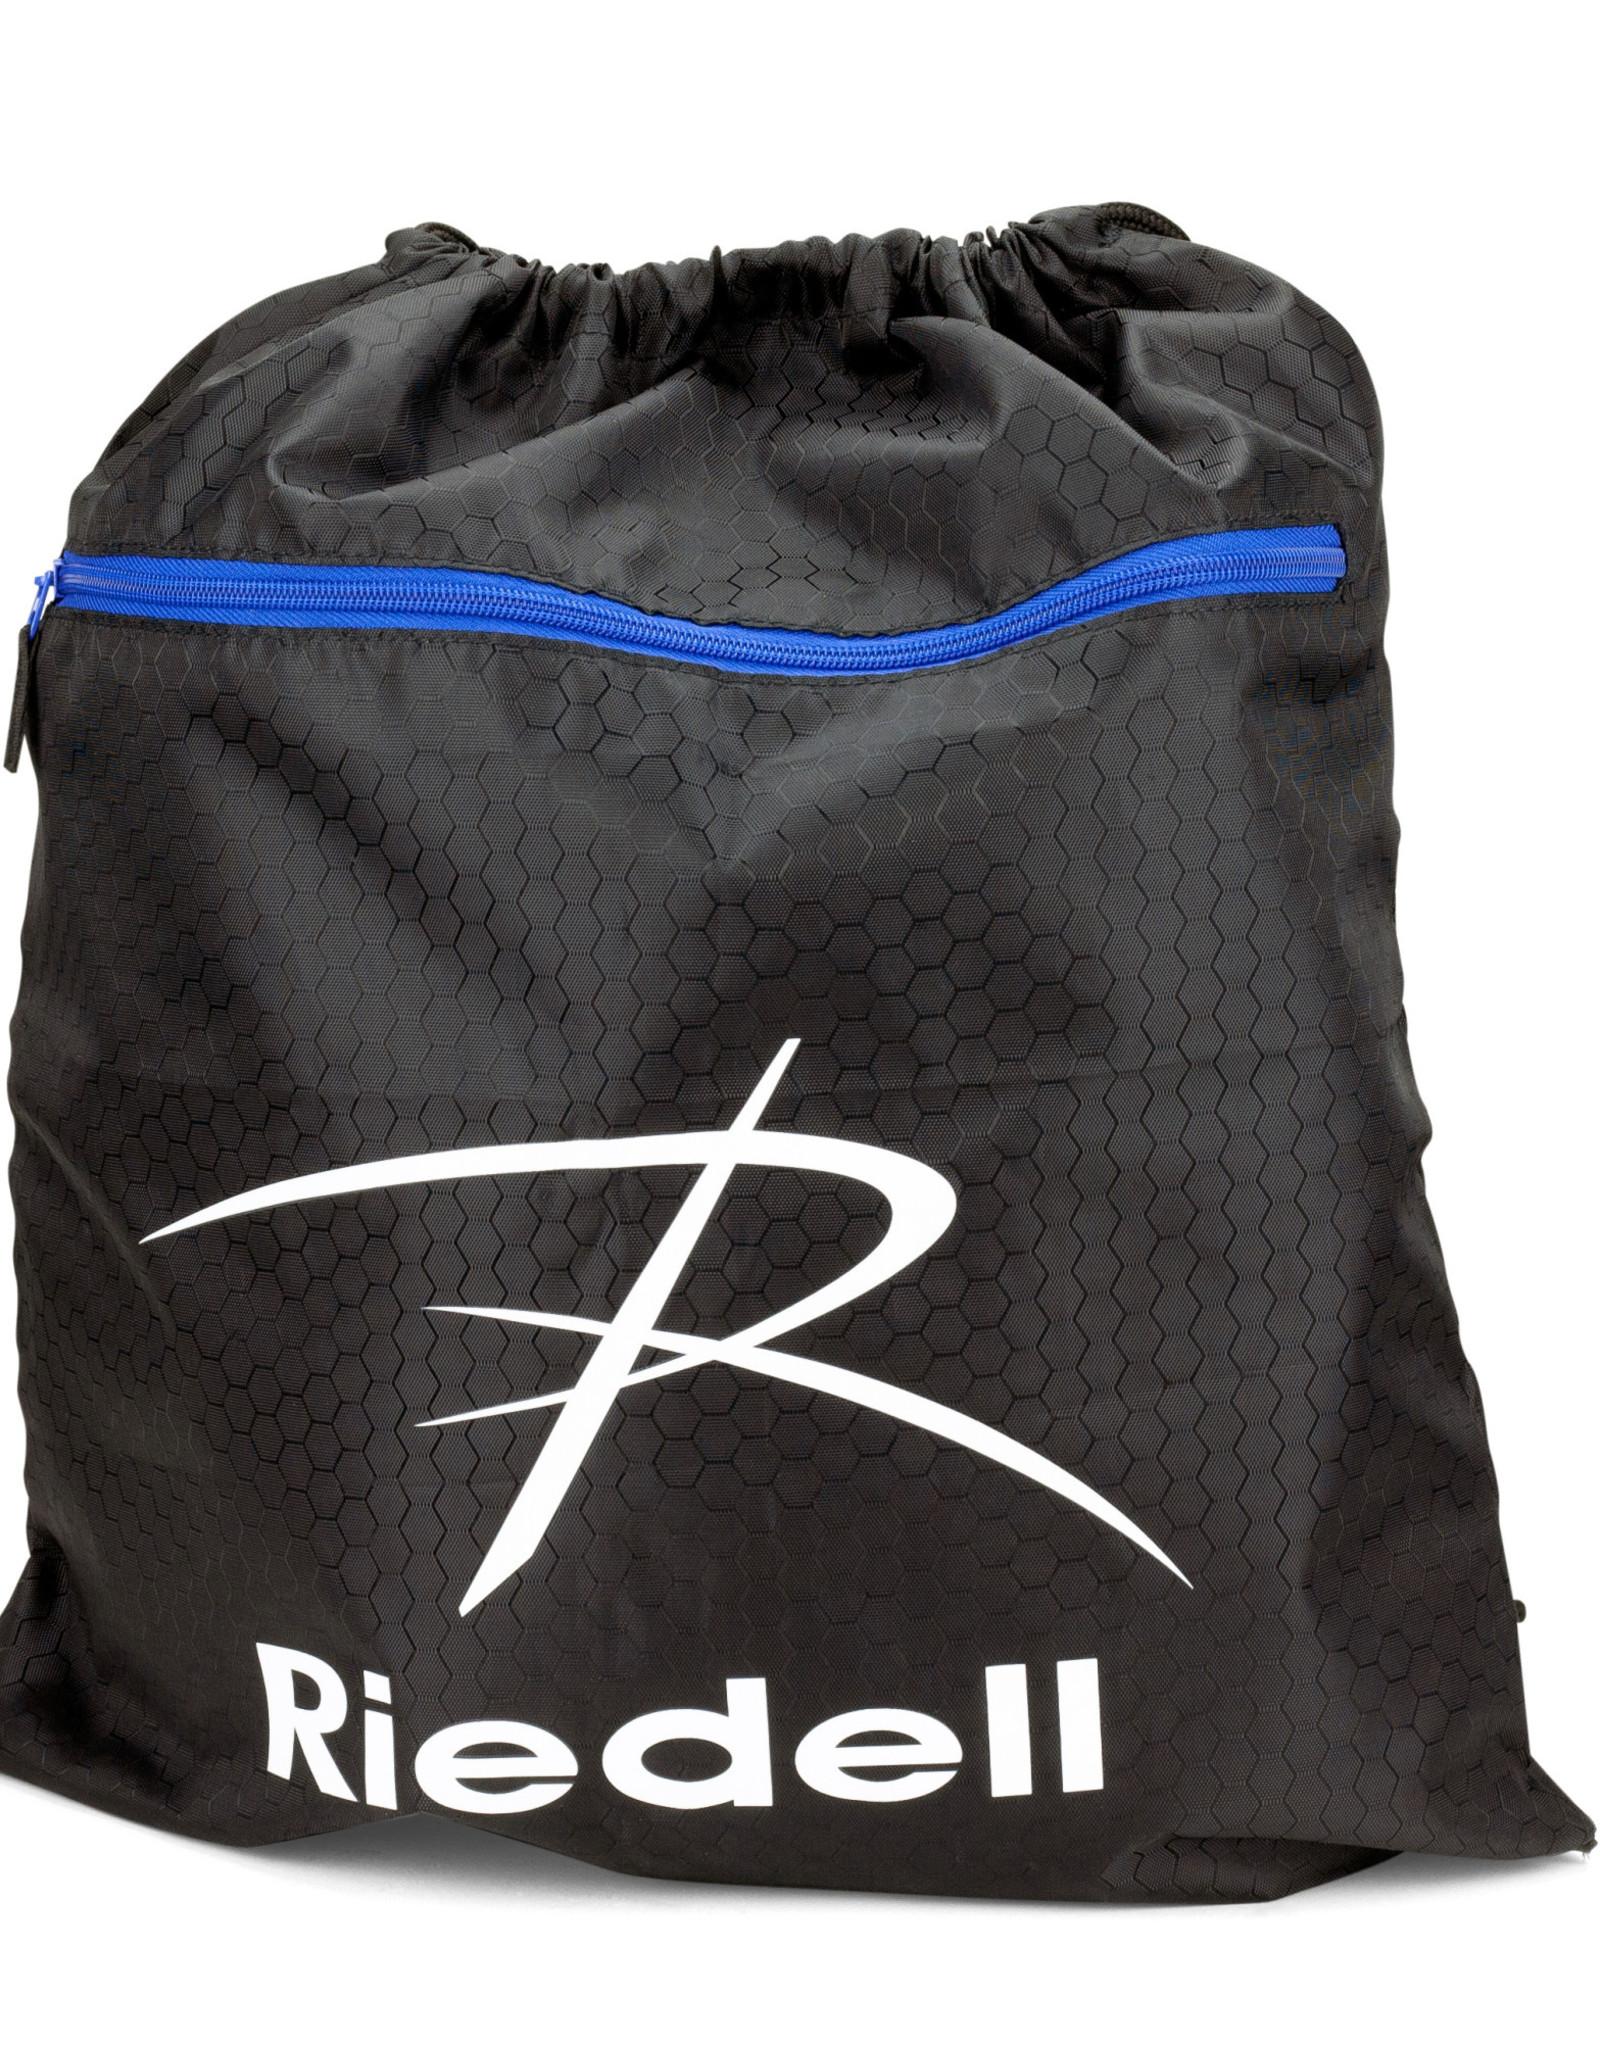 Riedell Riedell Skate Sack